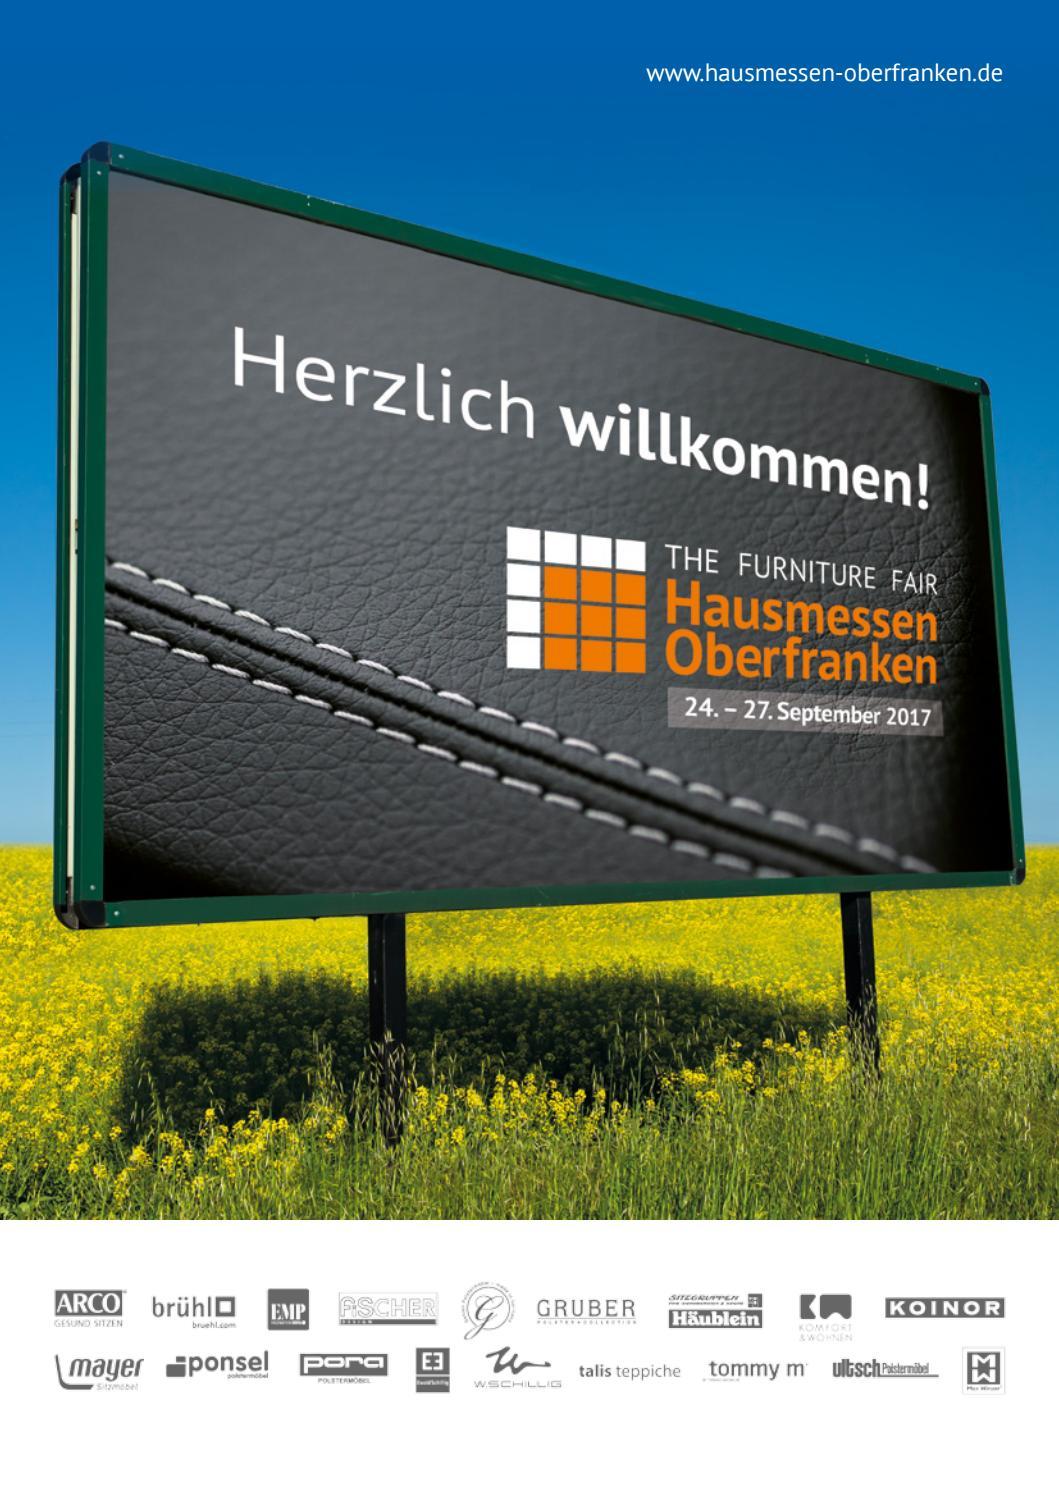 Hausmessen Oberfranken Messeführer 2017 by RSM. kommunikations ...